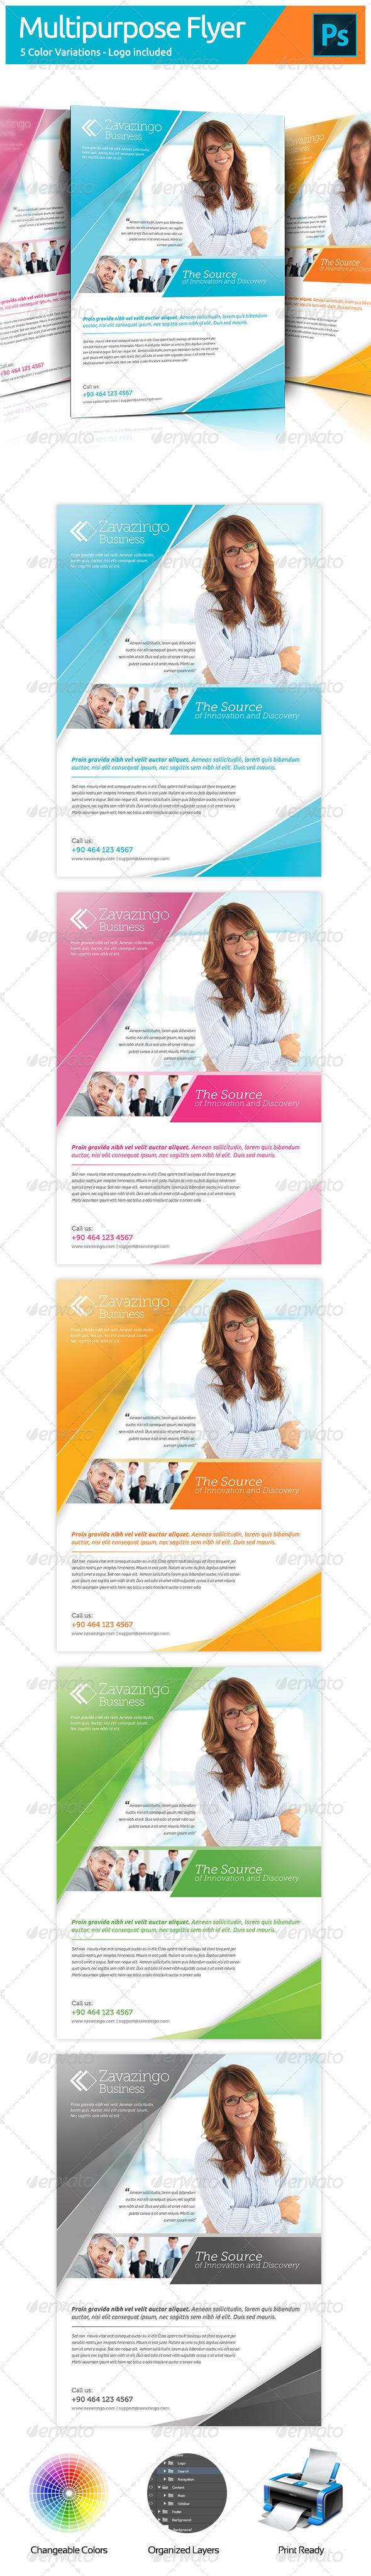 GraphicRiver Multipurpose Flyer 5522302